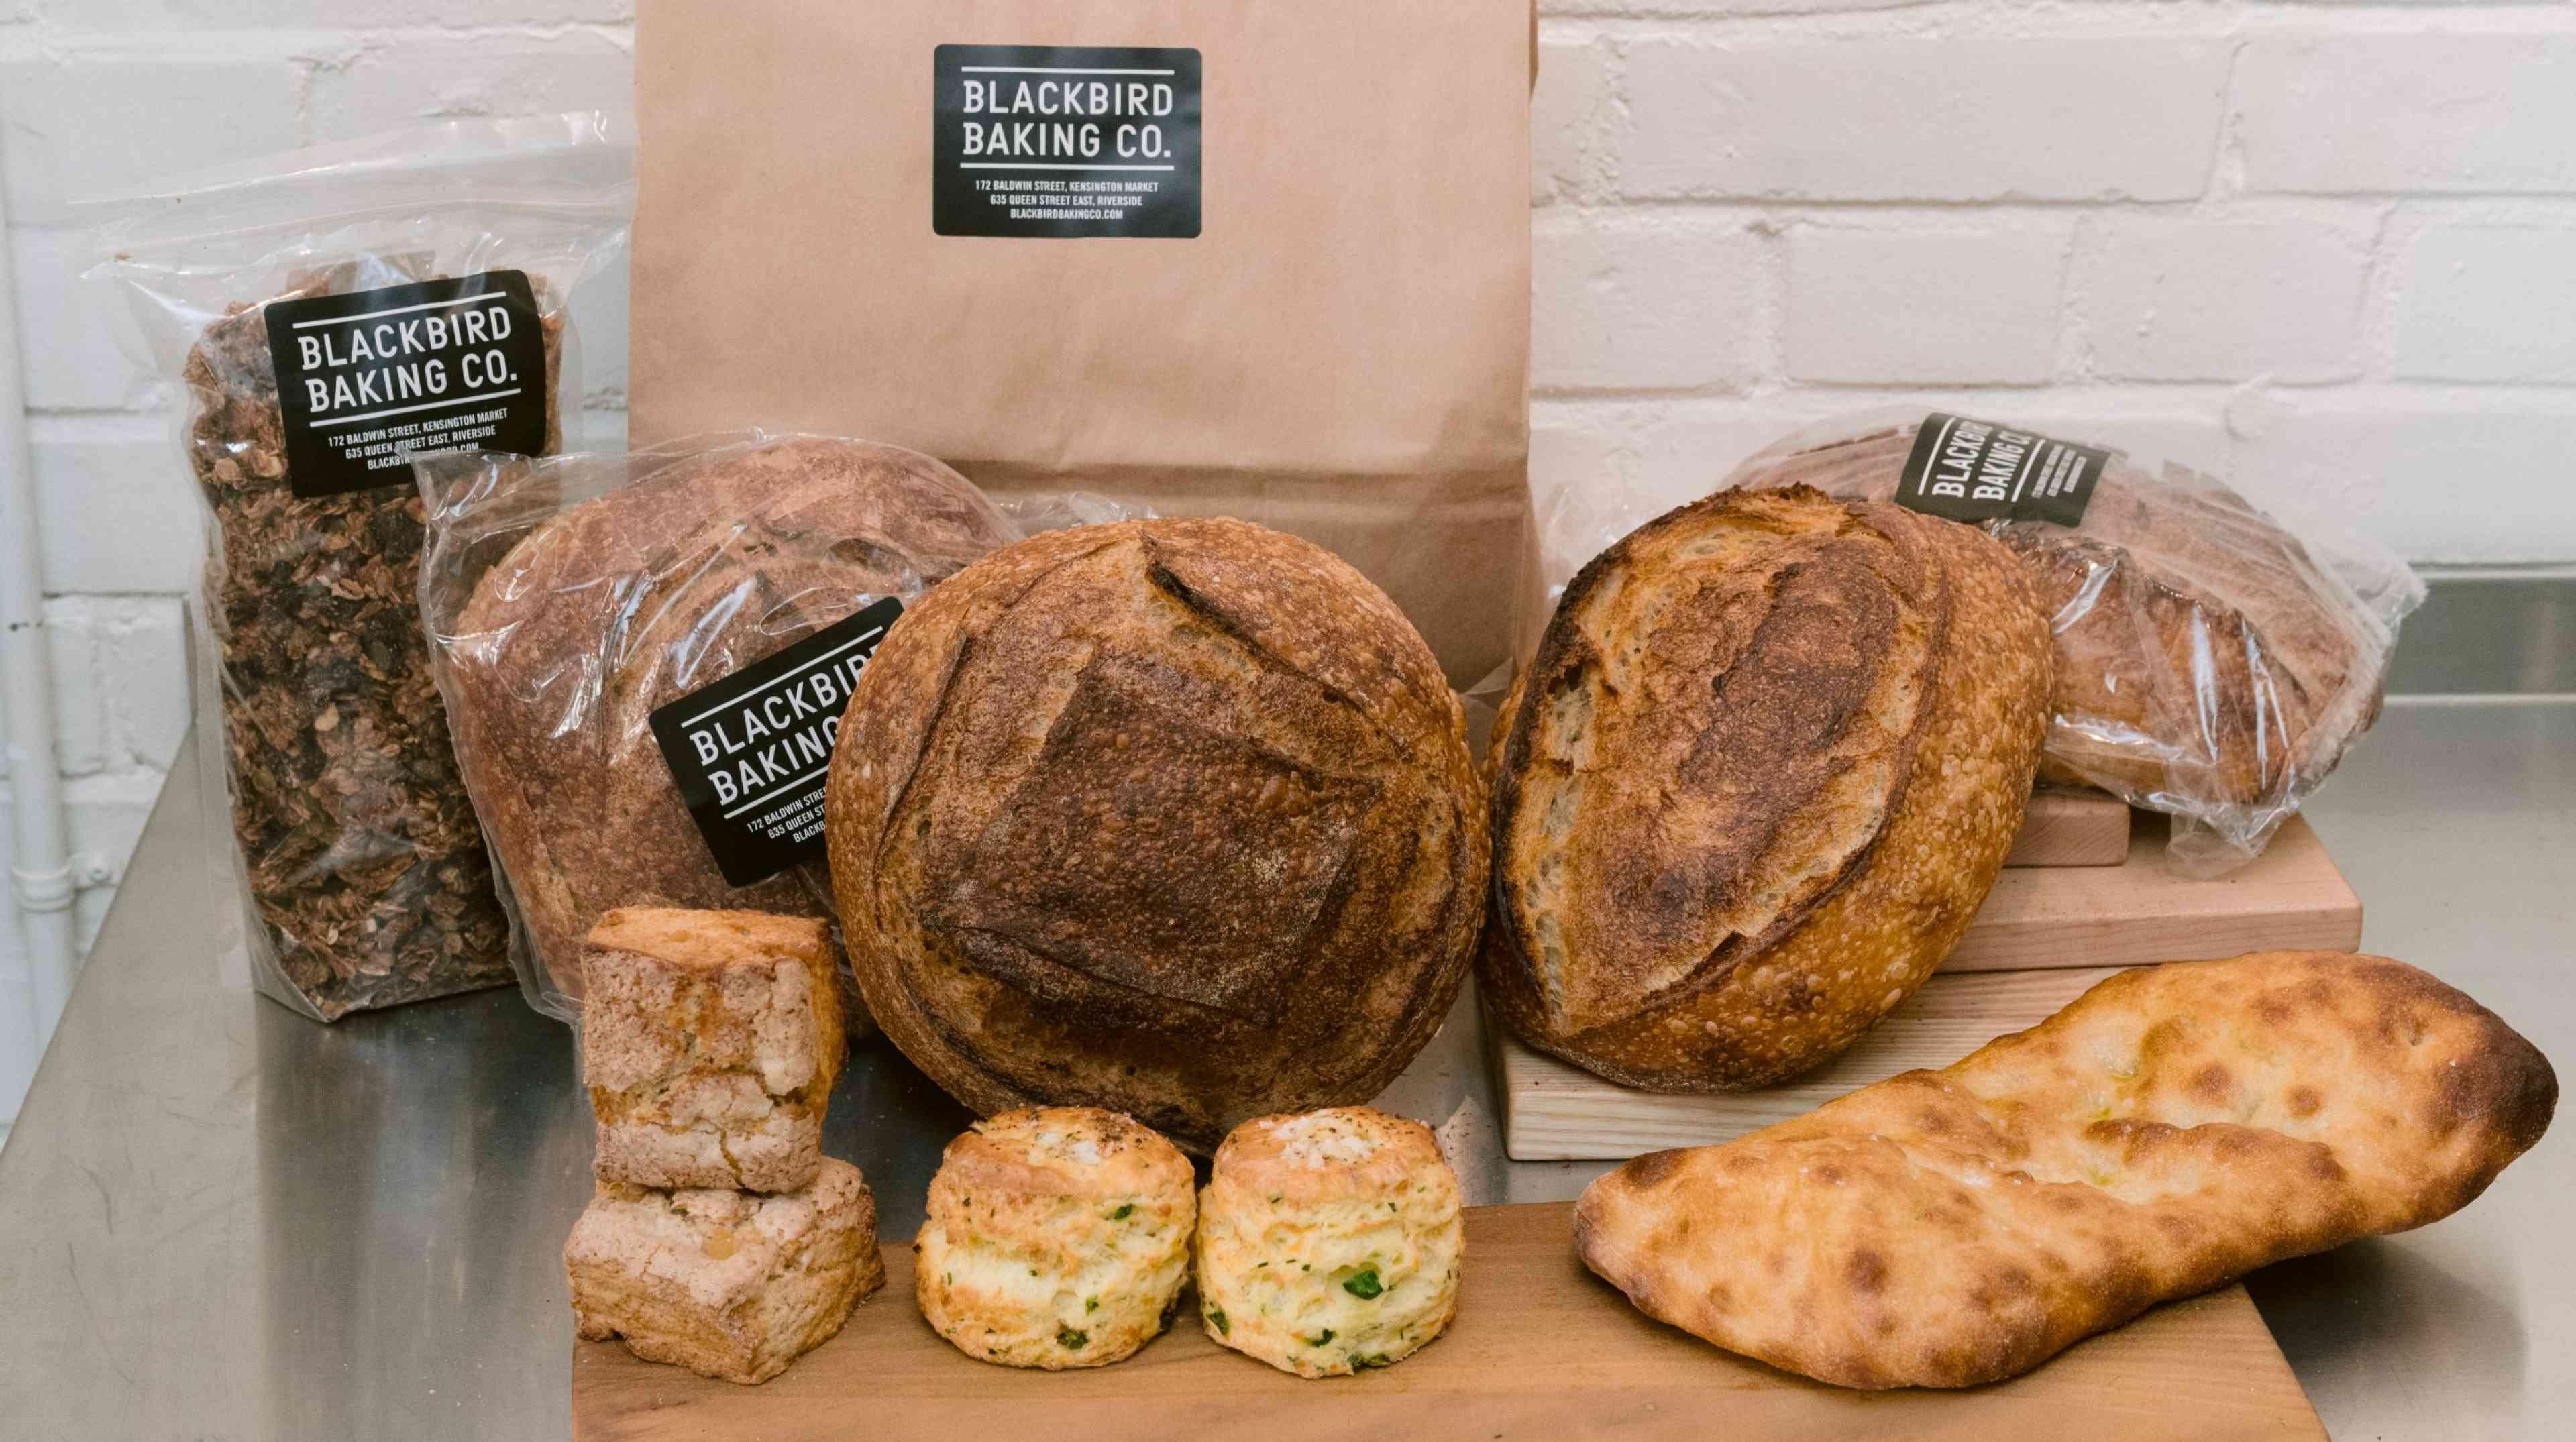 Delicious looking bread